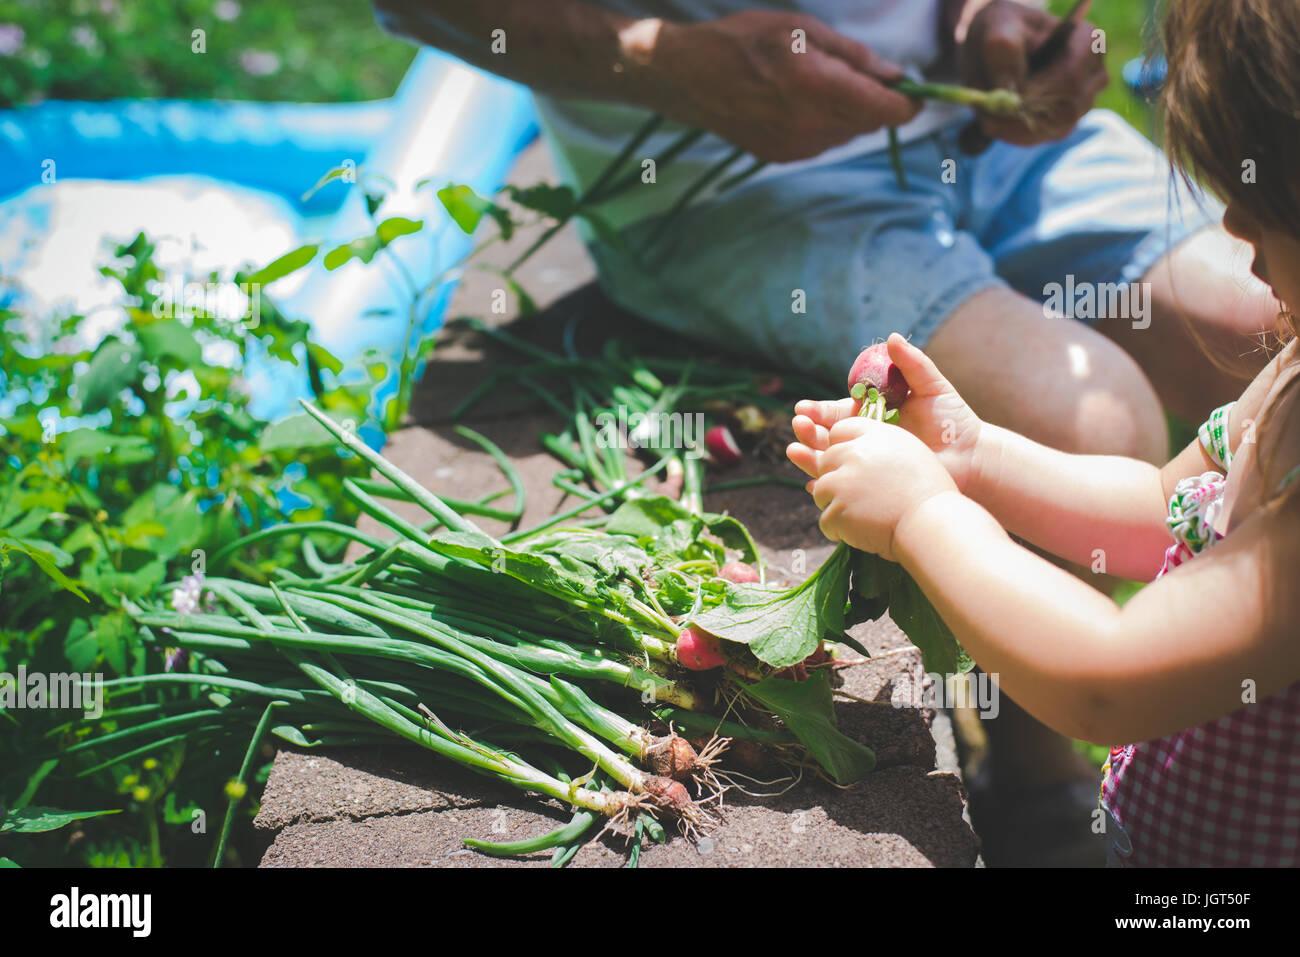 Ein Großvater schneidet sie Gemüse frisch aus dem Garten mit seiner Enkelin. Stockbild